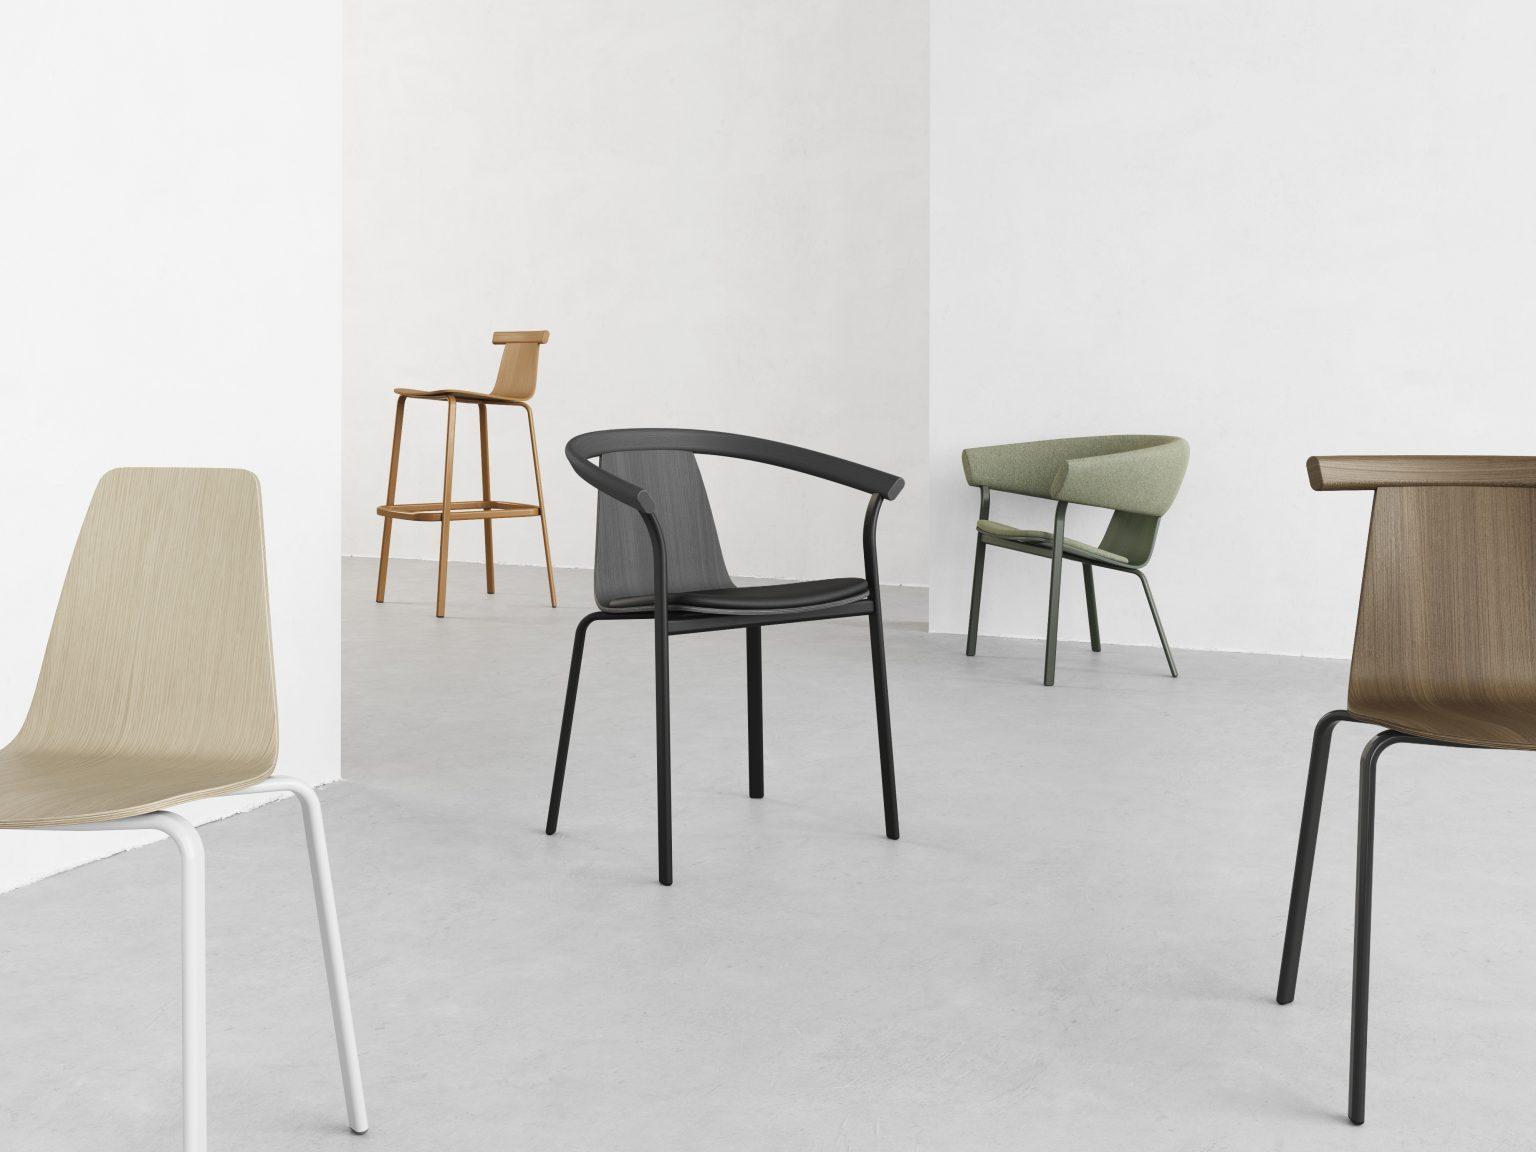 Biennale Interieur - Belgium's leading design and interior event - Alki-atal-fuwl-05-1.jpg